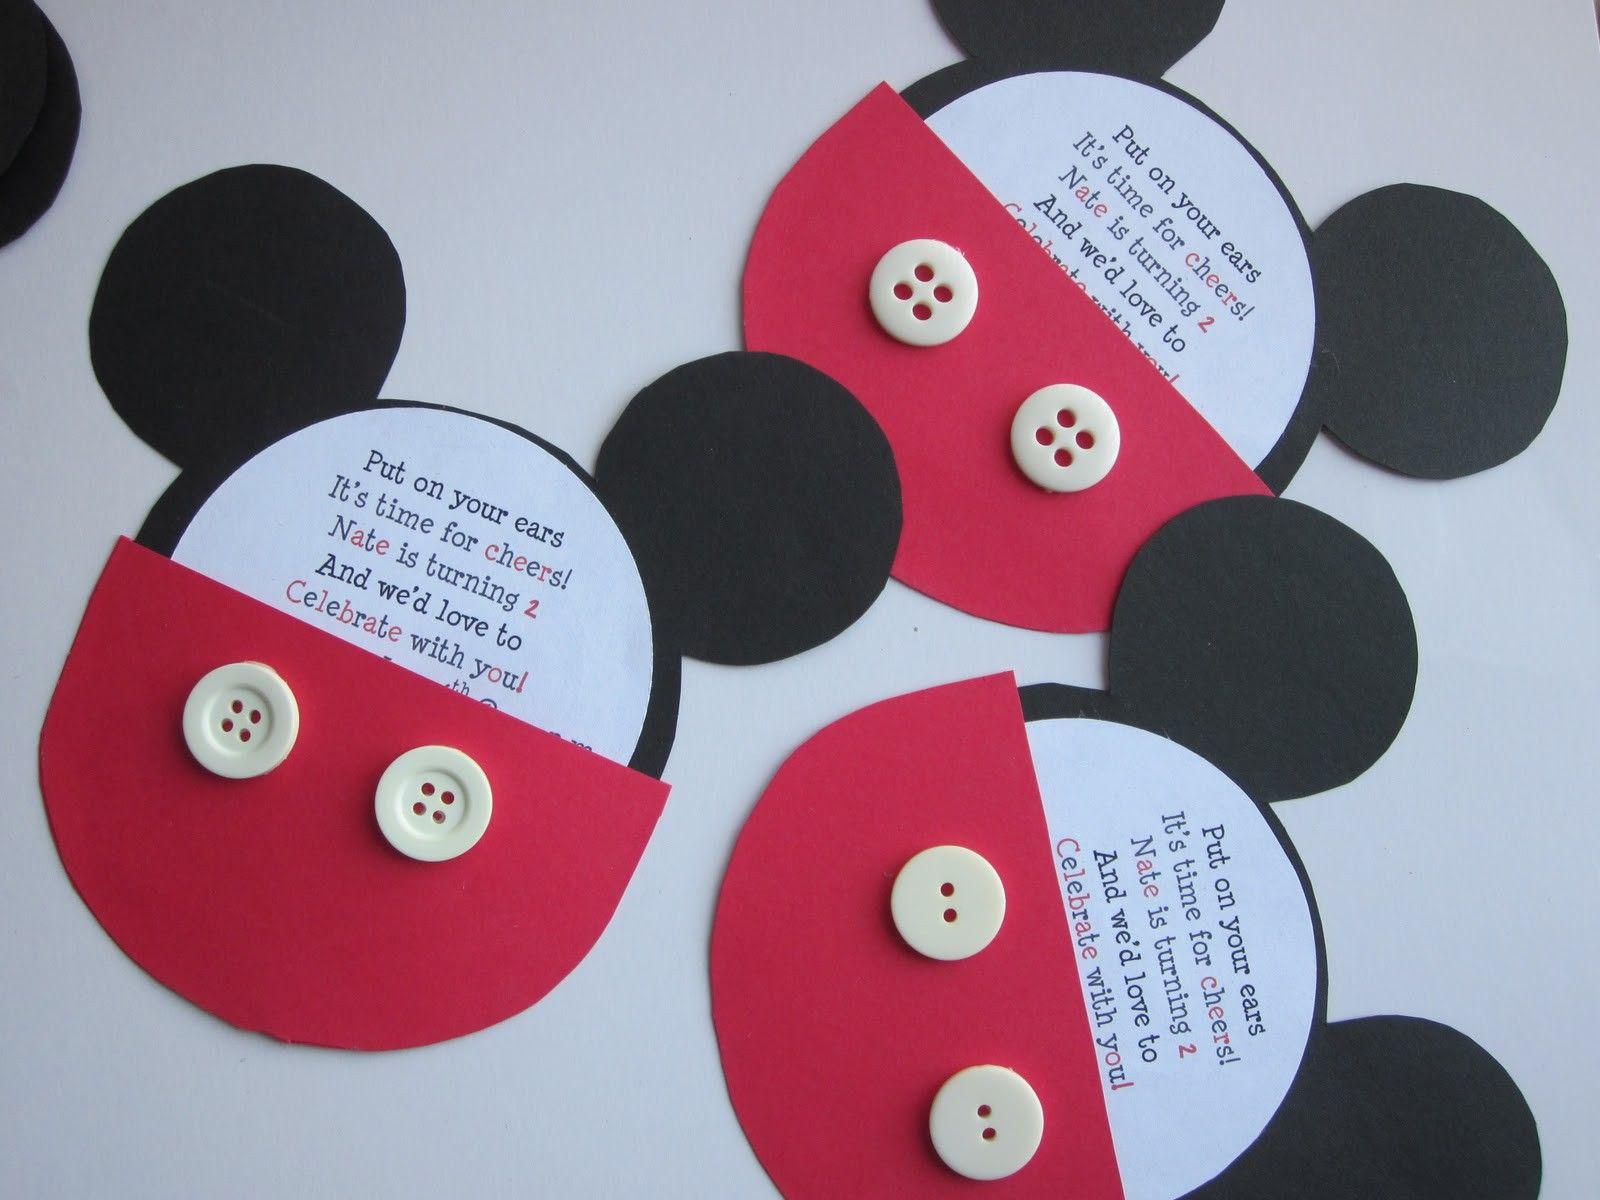 Mickey Mouse Invitation Free Template 5 | Invitaciones | Pinterest ...